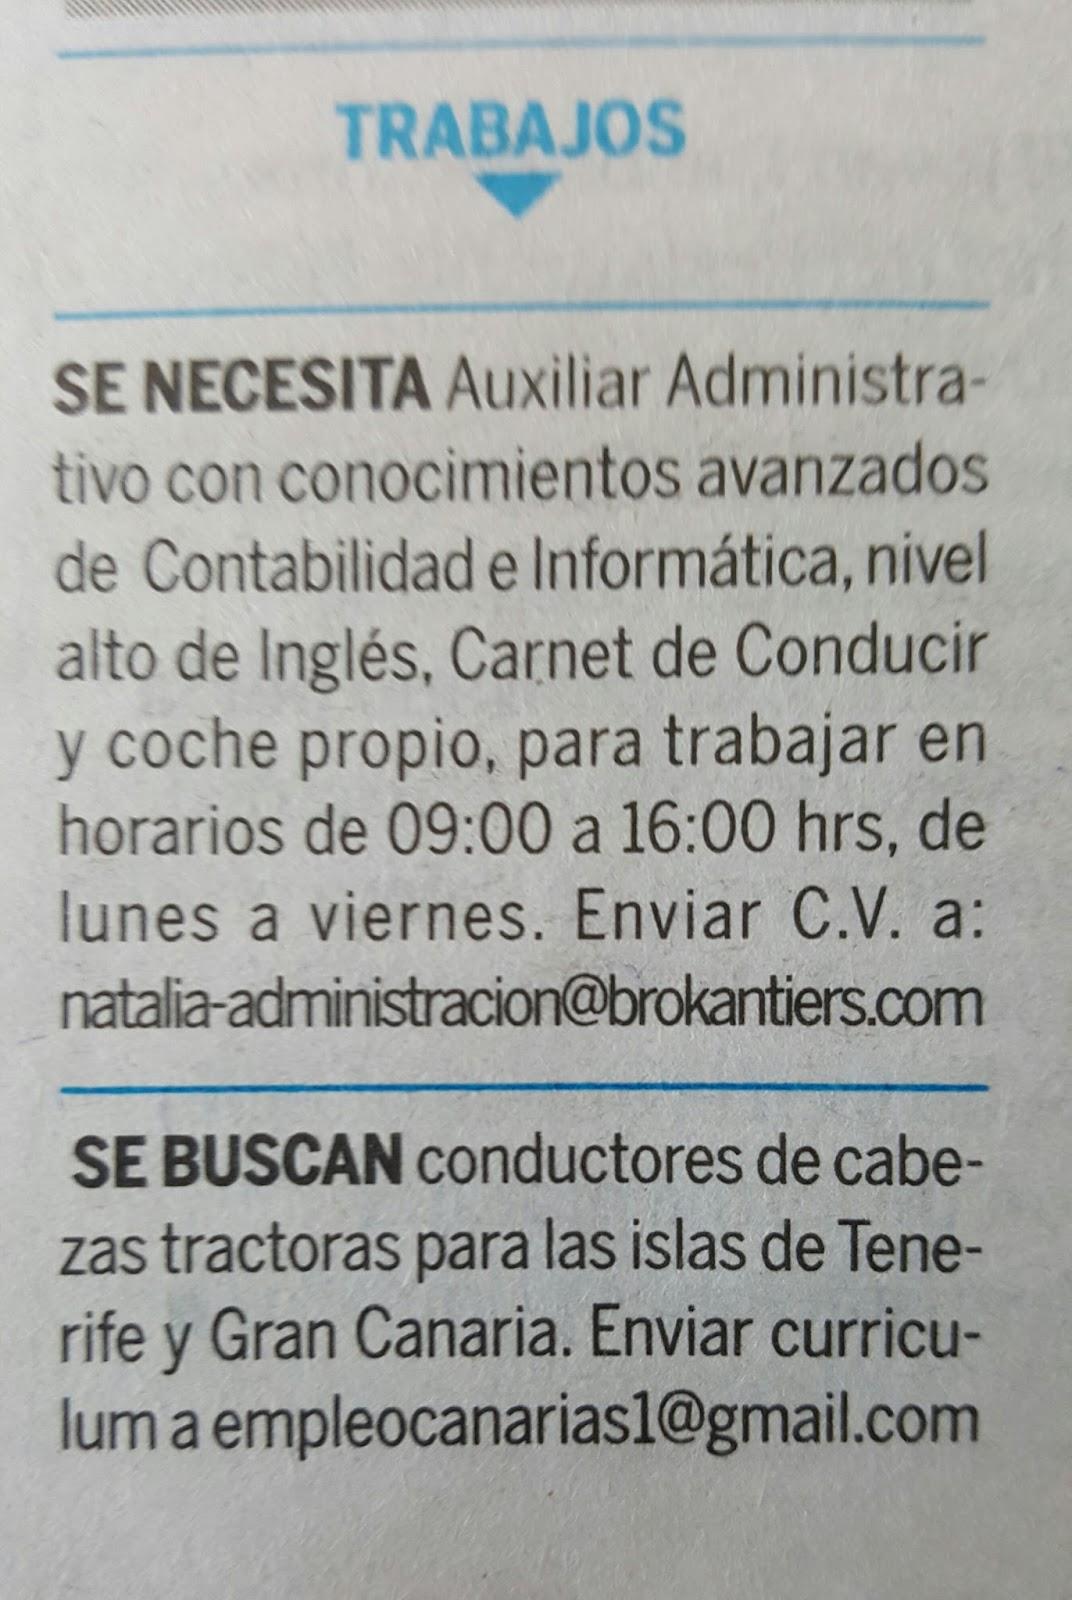 2 Ofertas Empleo En Tenerife: Auxiliar Administrativo Y Conductores